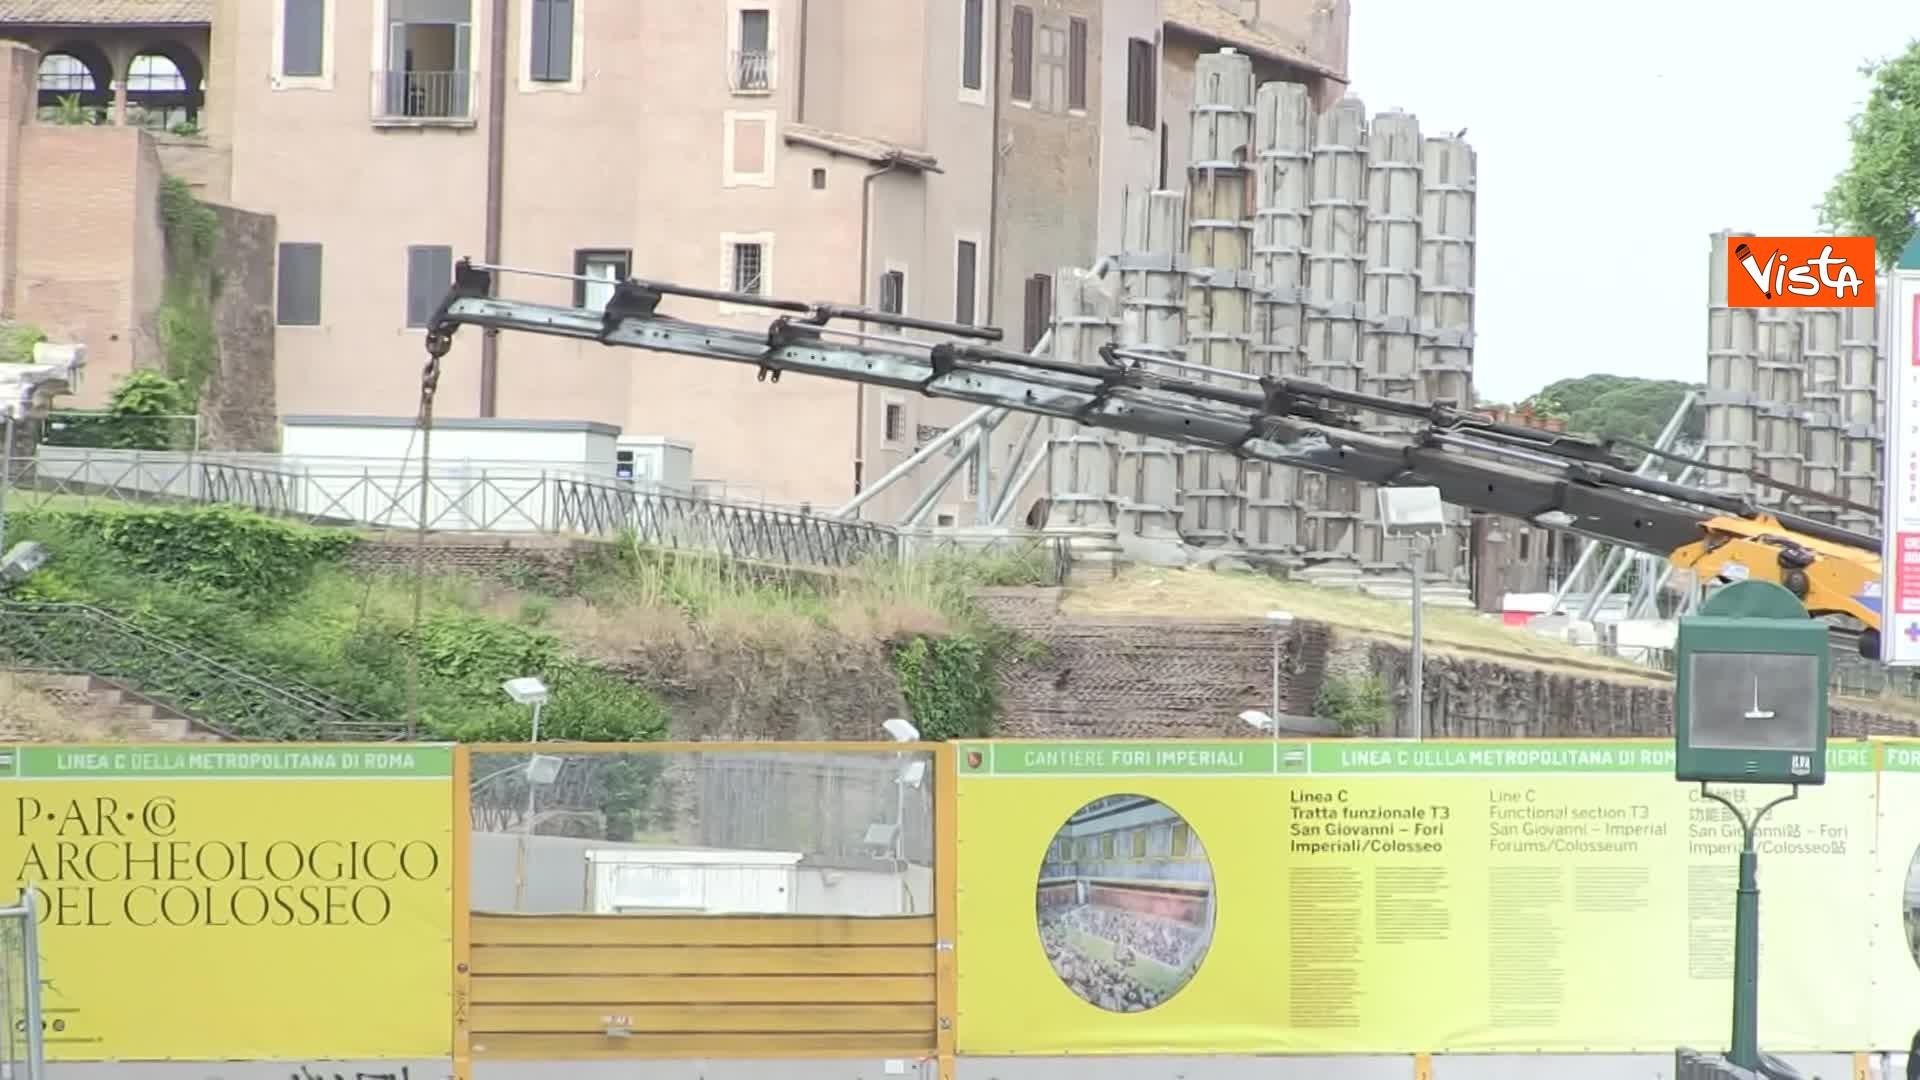 13-05-20 Colosseo deserto gli unici rumori che si sentono sono quelli dei lavori della metro C_02